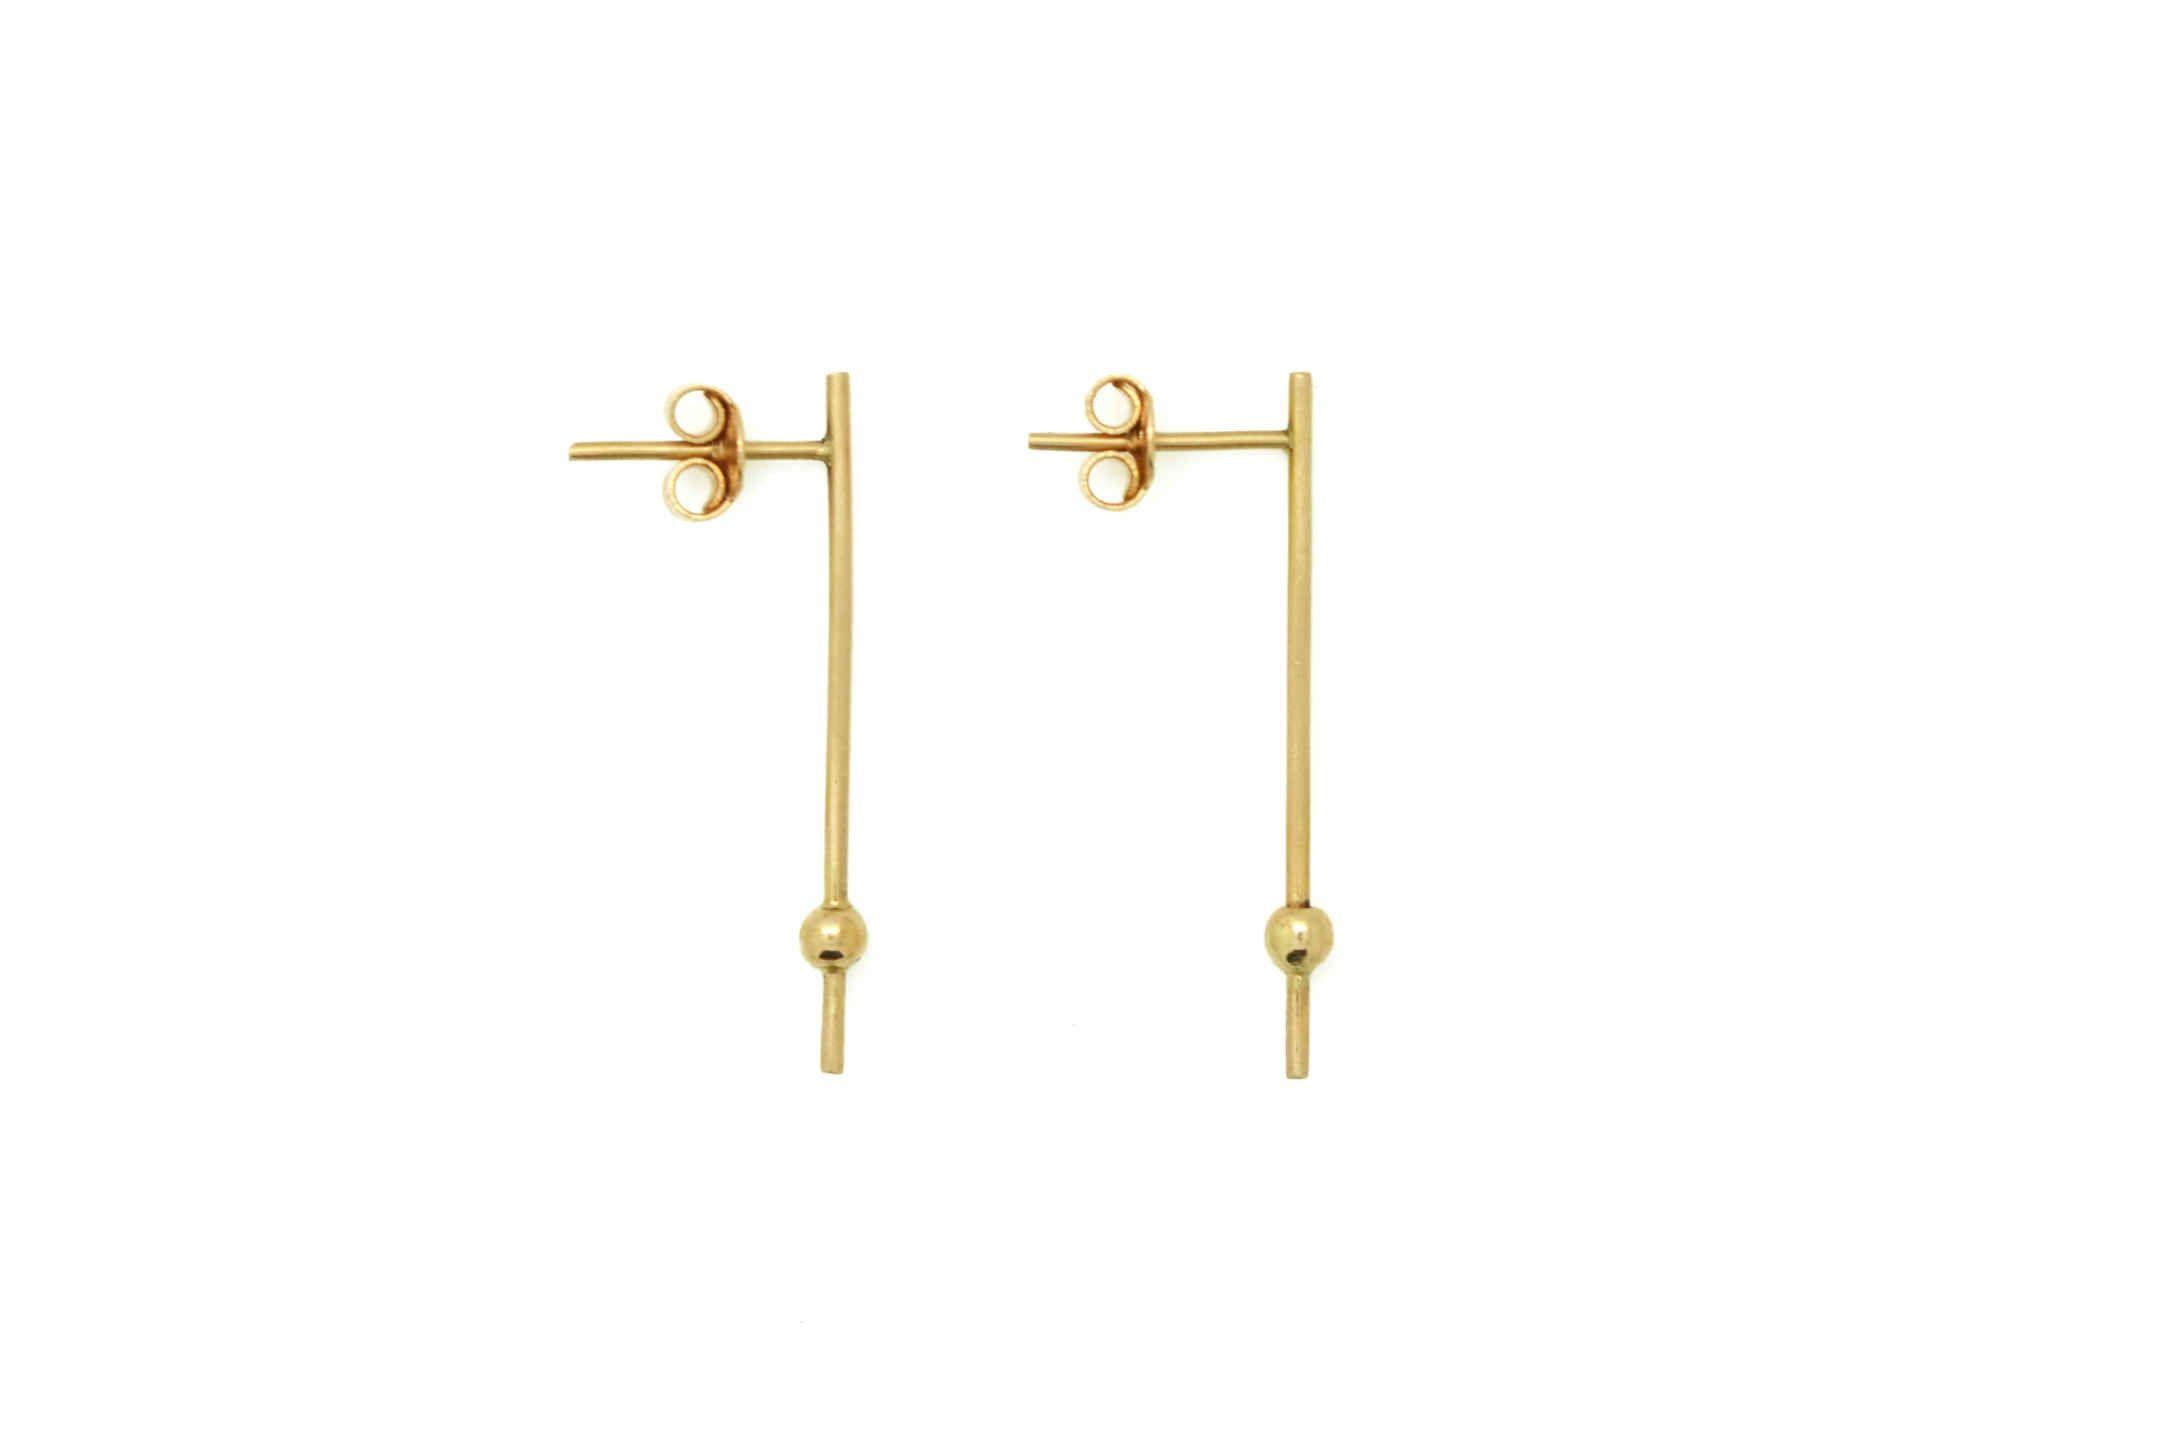 Bar orb earrings - 18k gold